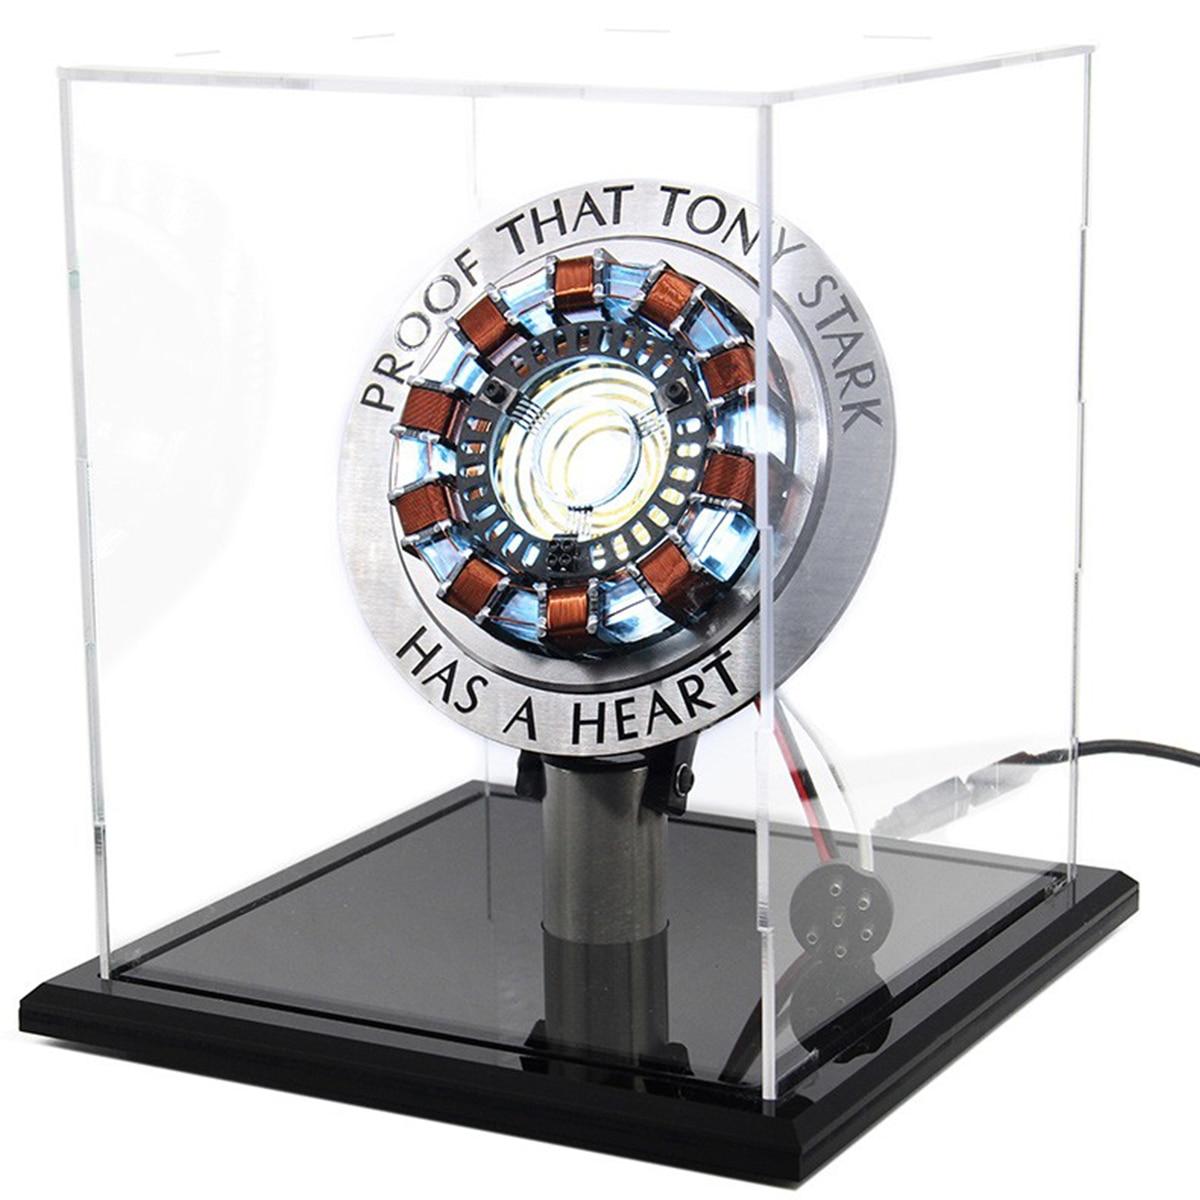 Model-Kit Movie-Props Arc-Reactor DIY Heart Light-Powered LED Chest USB Men